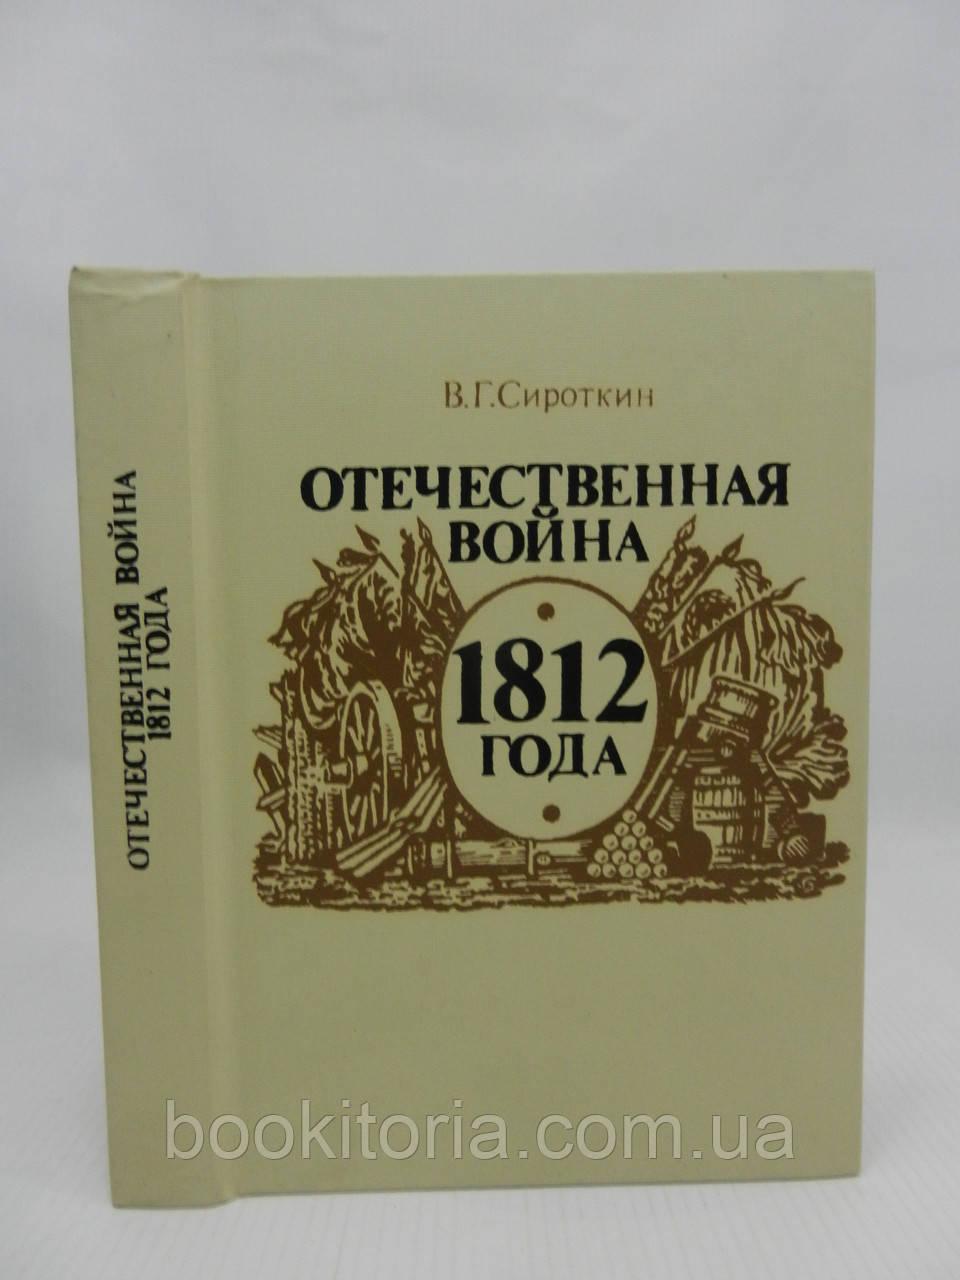 Сироткин В. Отечественная война 1812 года (б/у).